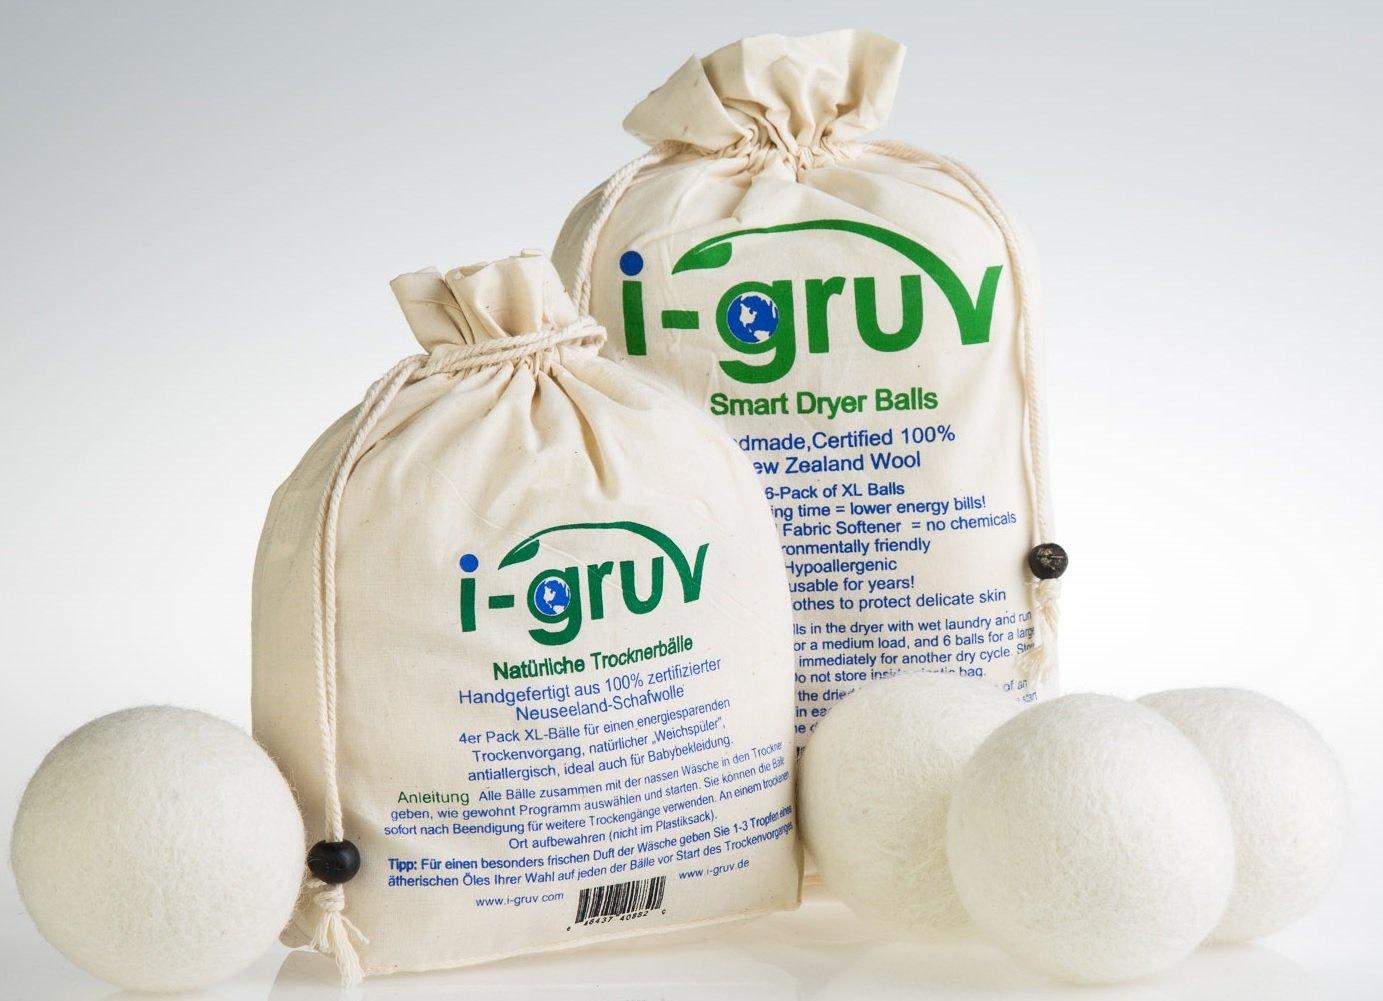 Bolas del secador para secadora de ropa de lana de I-Gruv, 4P Set, para suave daun cuidado, reduce el consumo de energía y es al mismo tiempo suavizante ...